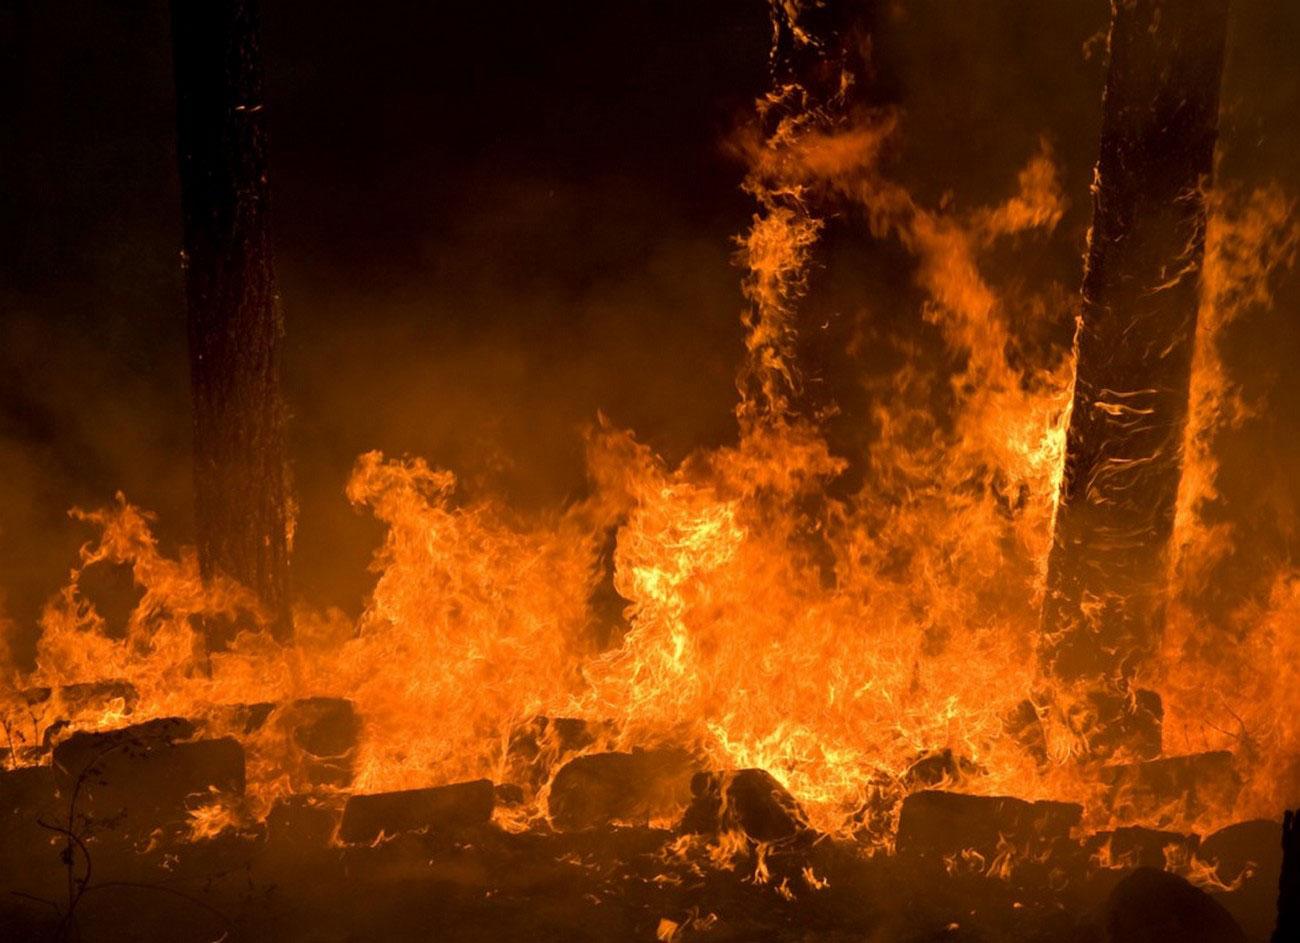 огонь в национальном заповеднике Прескотт, фото